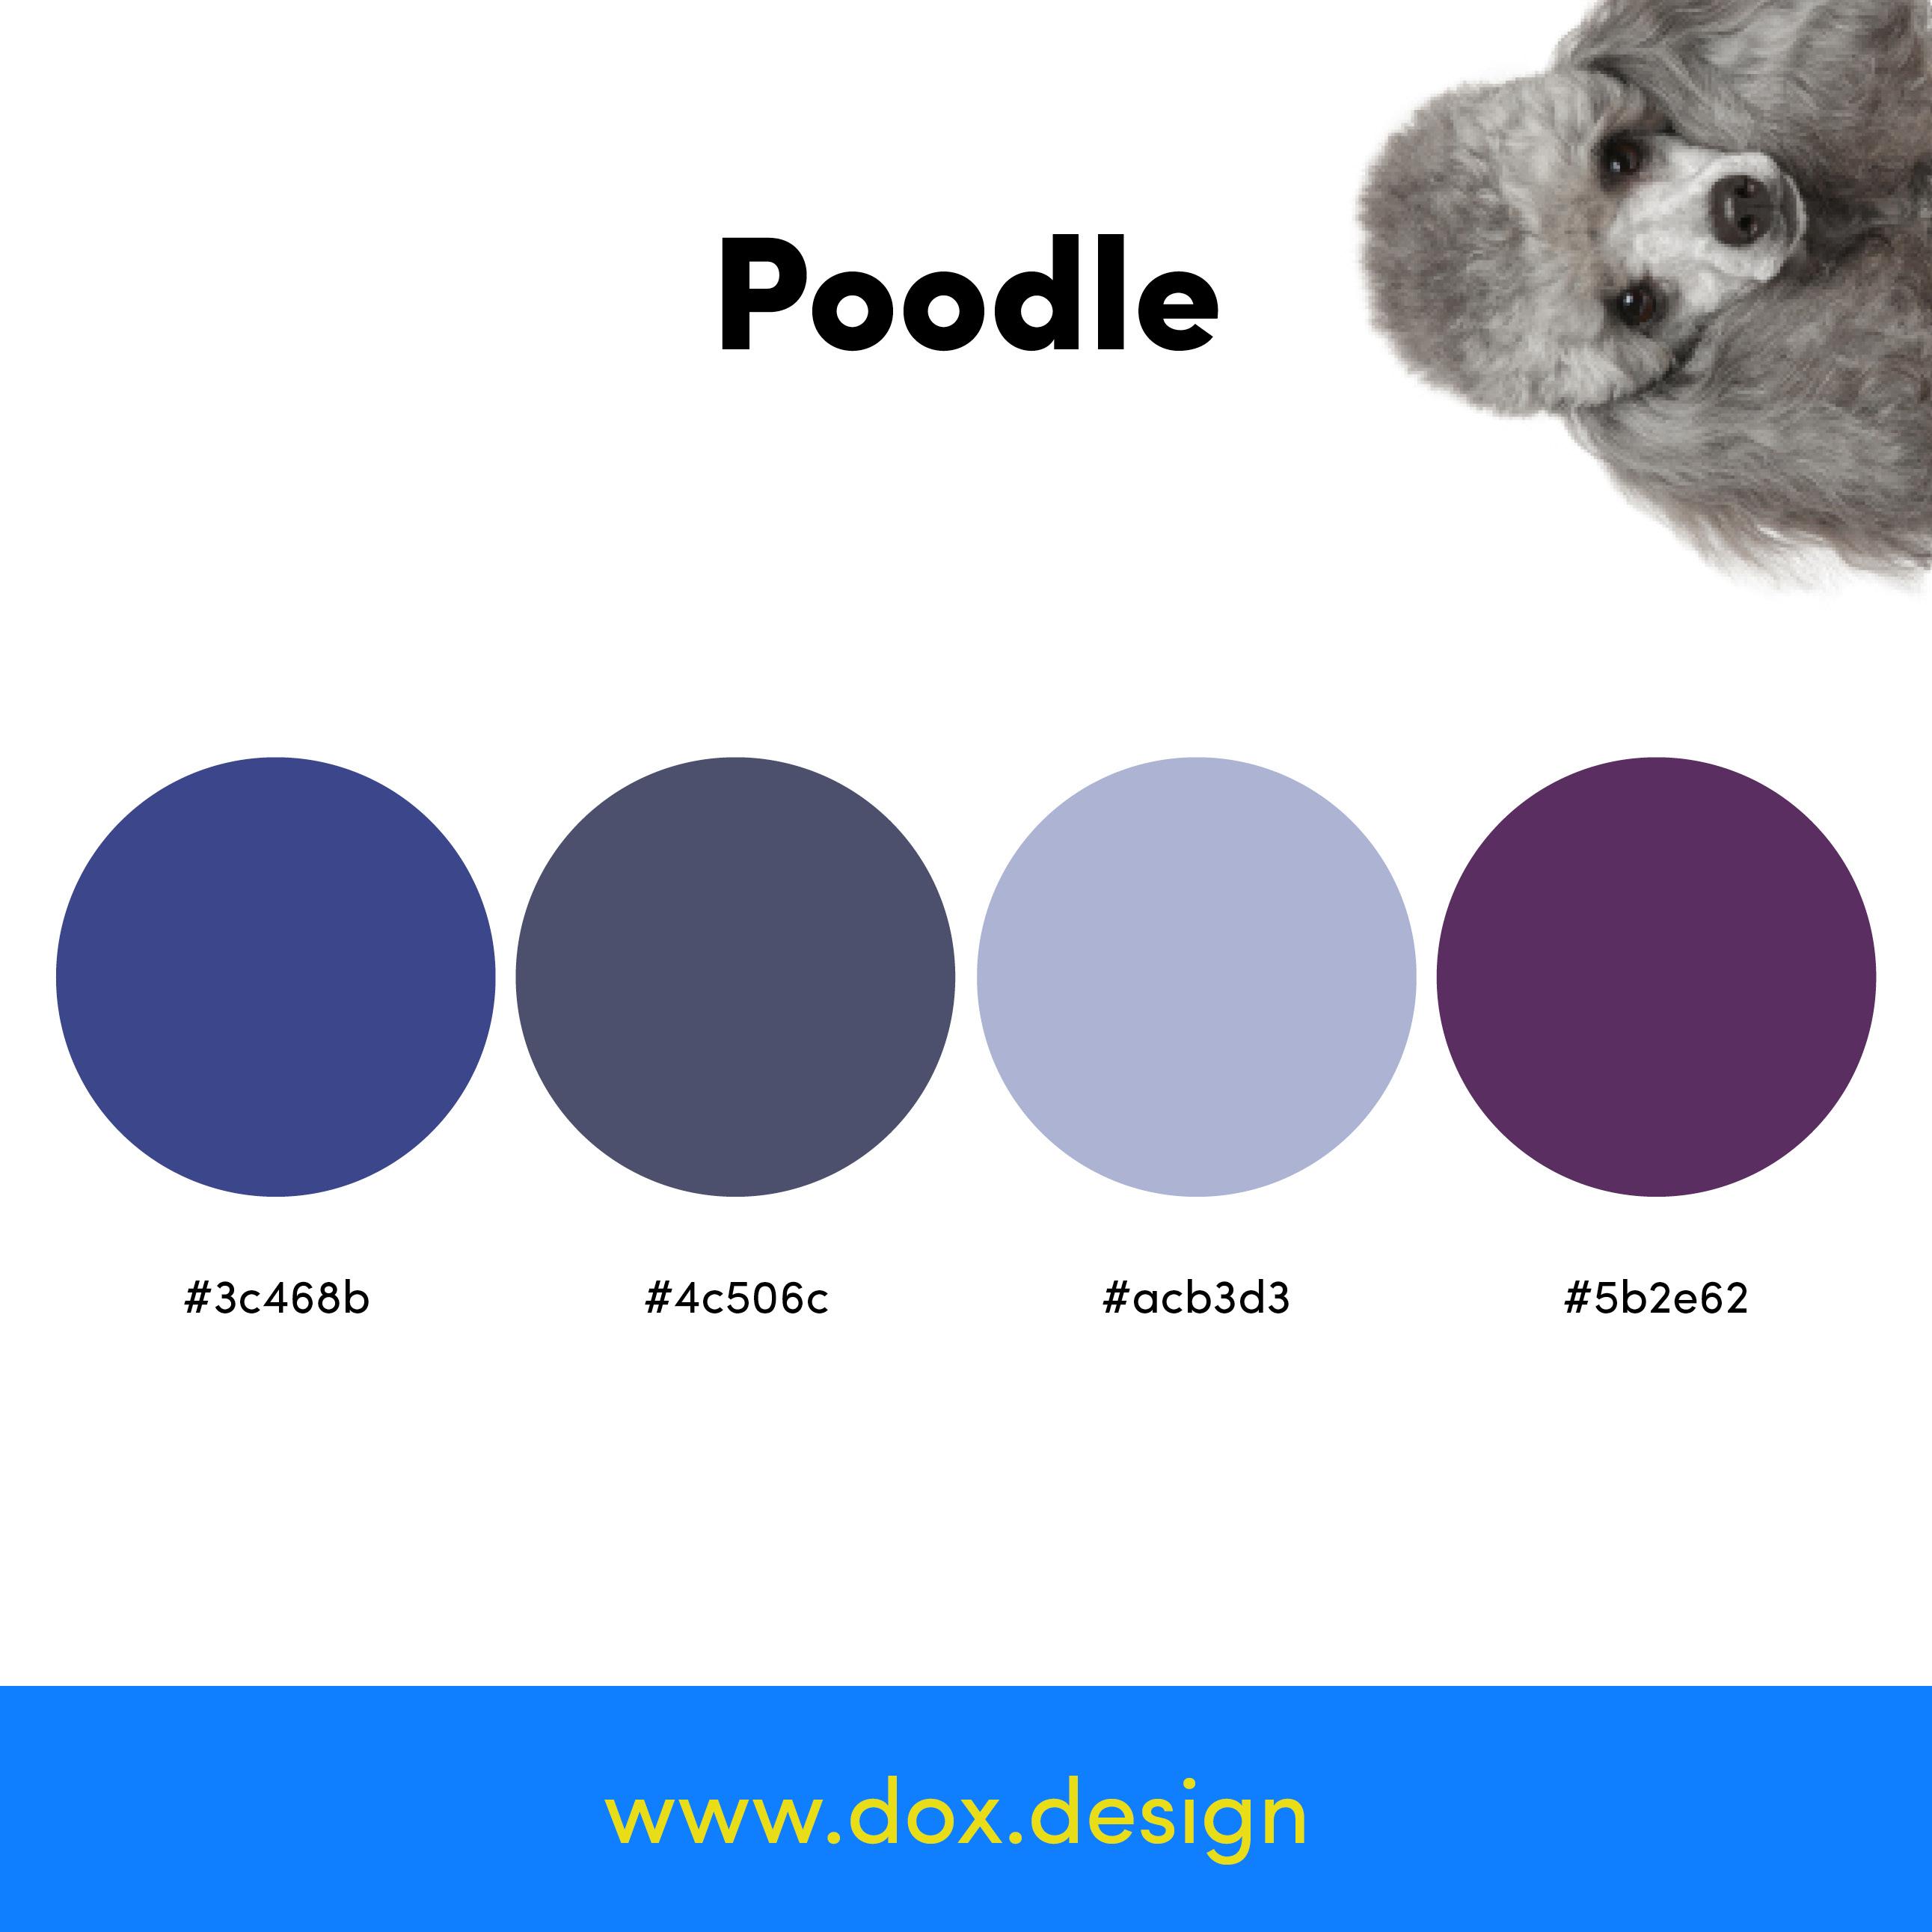 Poodle color palette